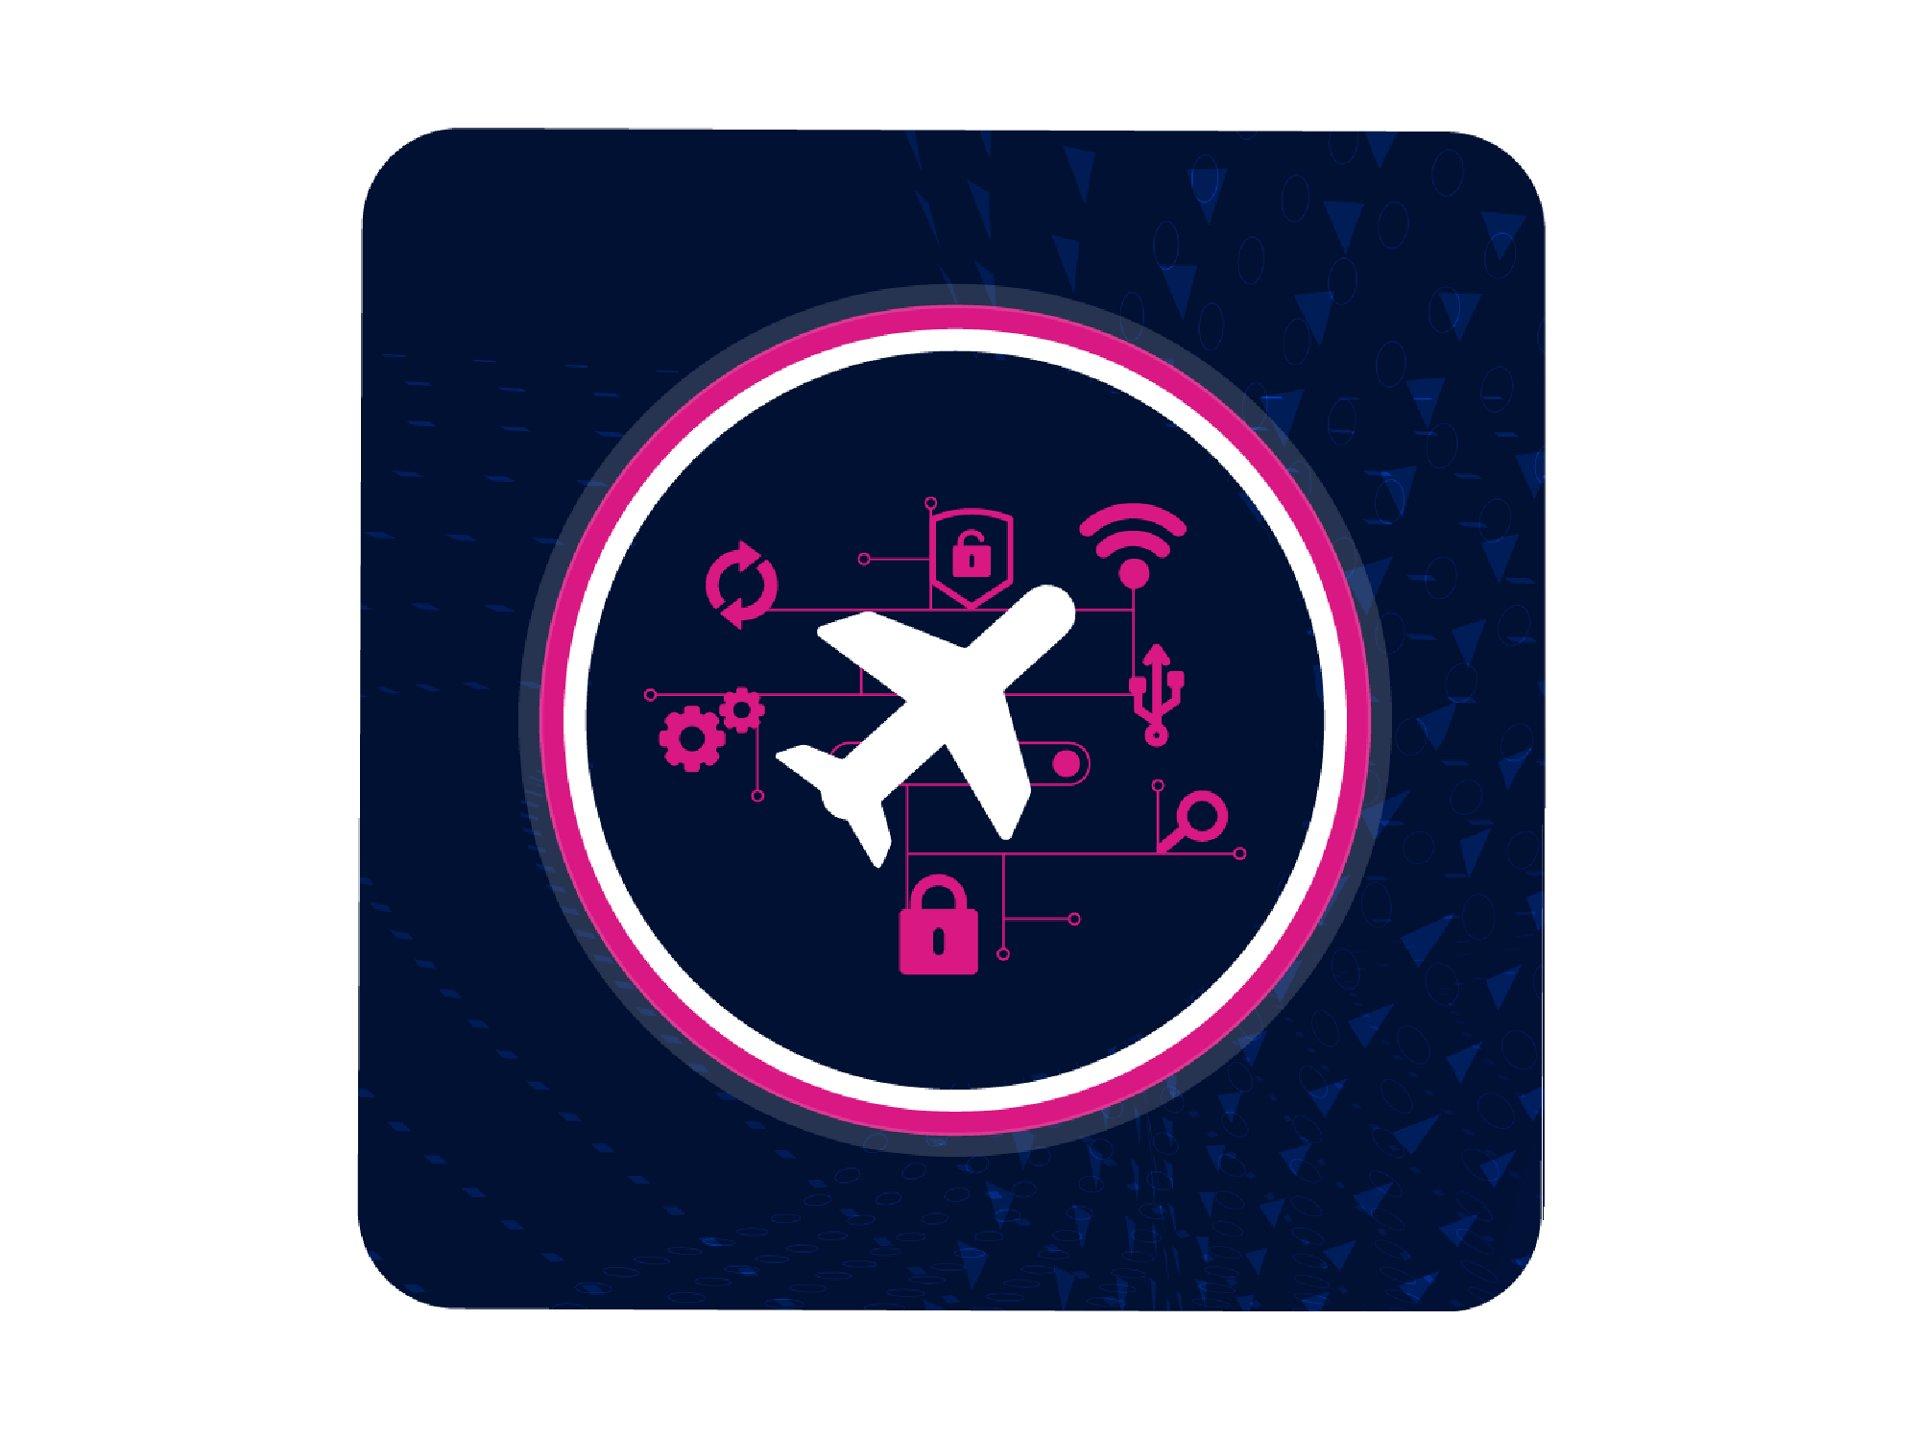 Aircraft Software Tracker app